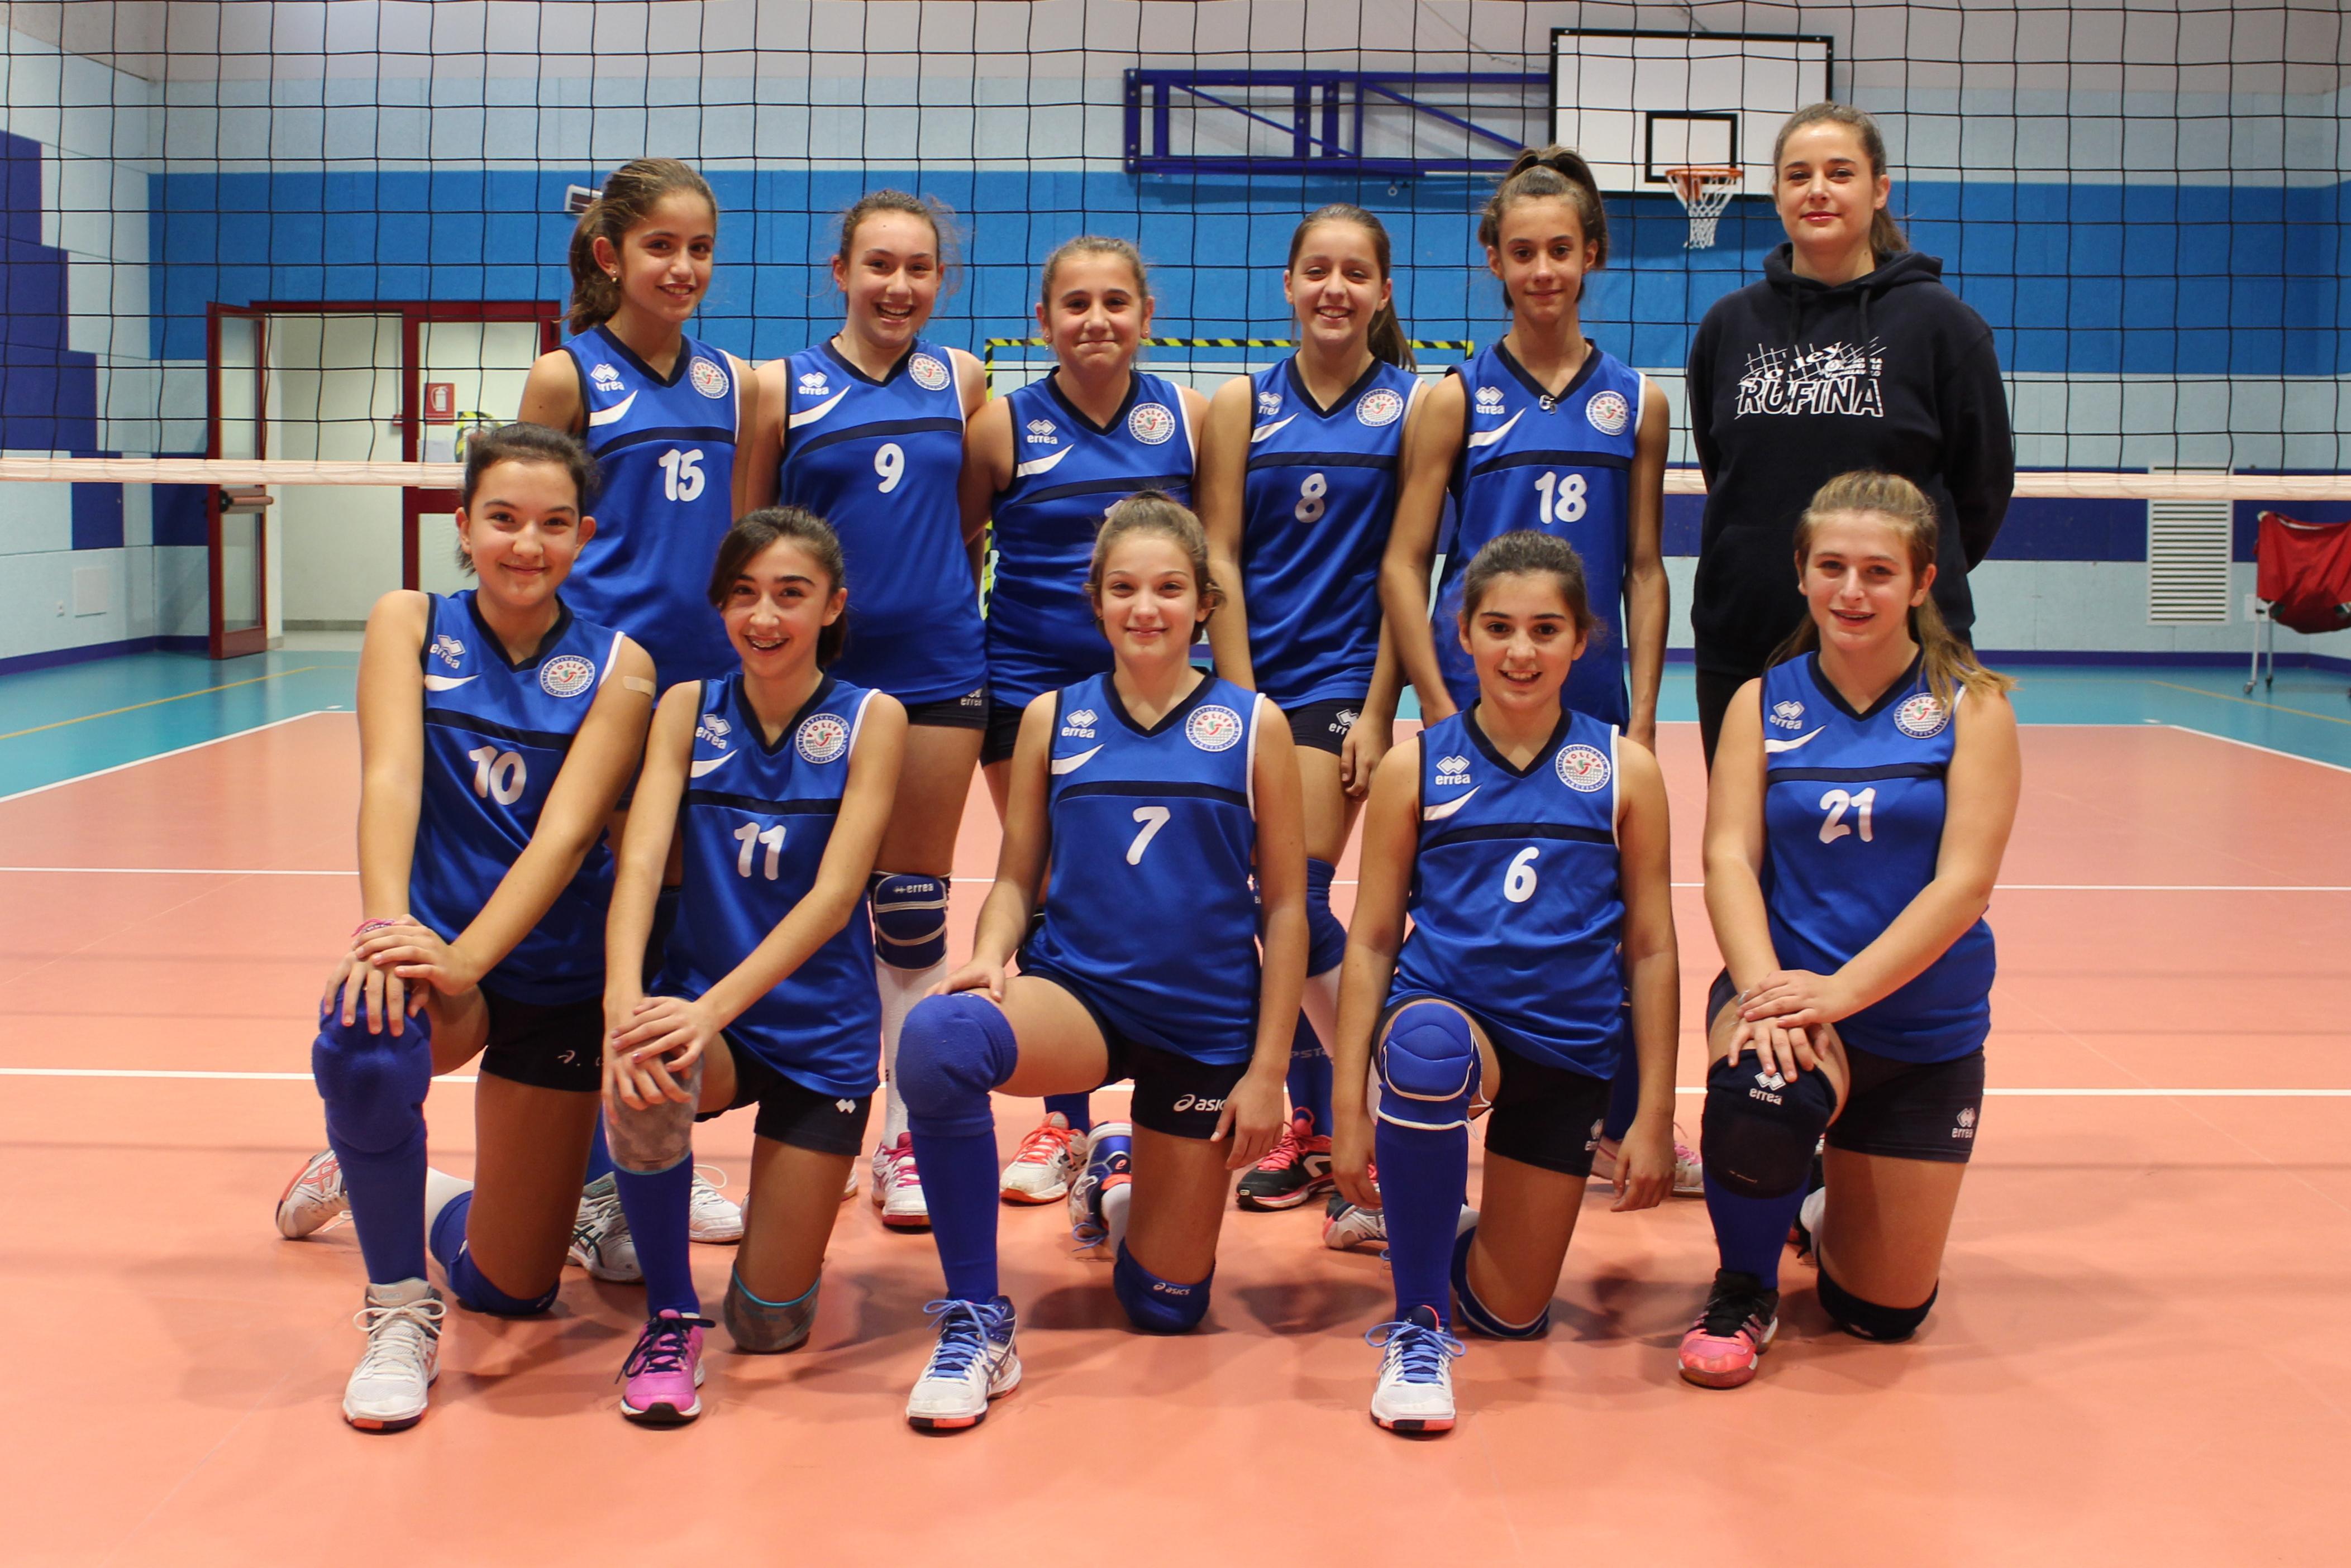 Pallavolo Femminile Bagno A Ripoli : Pallavolo femminile è tempo di conferme per la libertas volley forlì